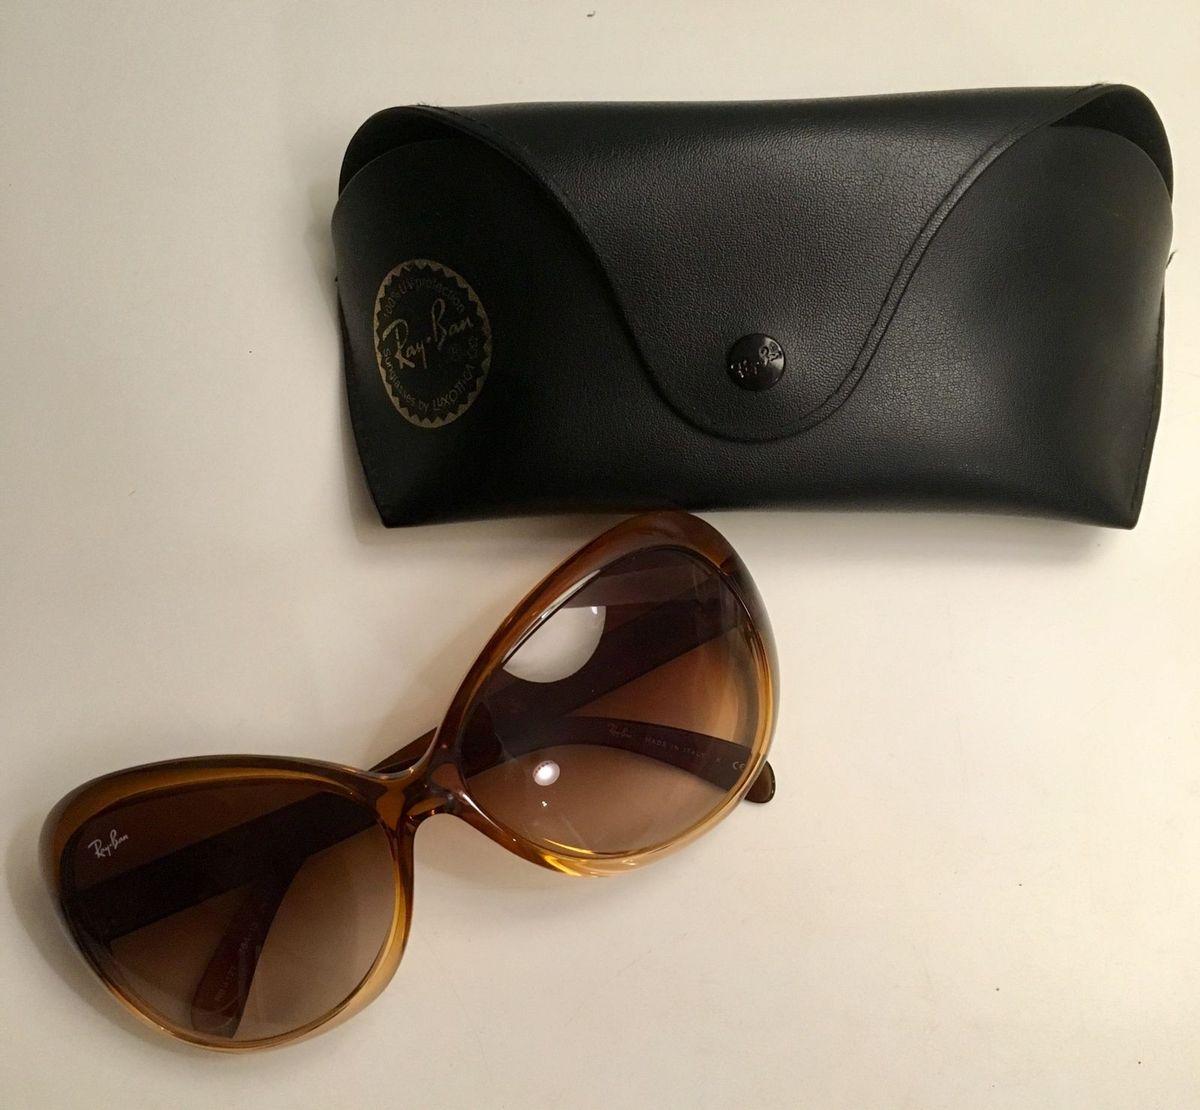 526232595db6a óculos de sol ray ban rb 4127 - óculos ray-ban.  Czm6ly9wag90b3muzw5qb2vplmnvbs5ici9wcm9kdwn0cy82mzyxnjmyl2qym2u1mmewy2q0ywu2mzfmmmi3m2nlywqyntq1mdmwlmpwzw  ...